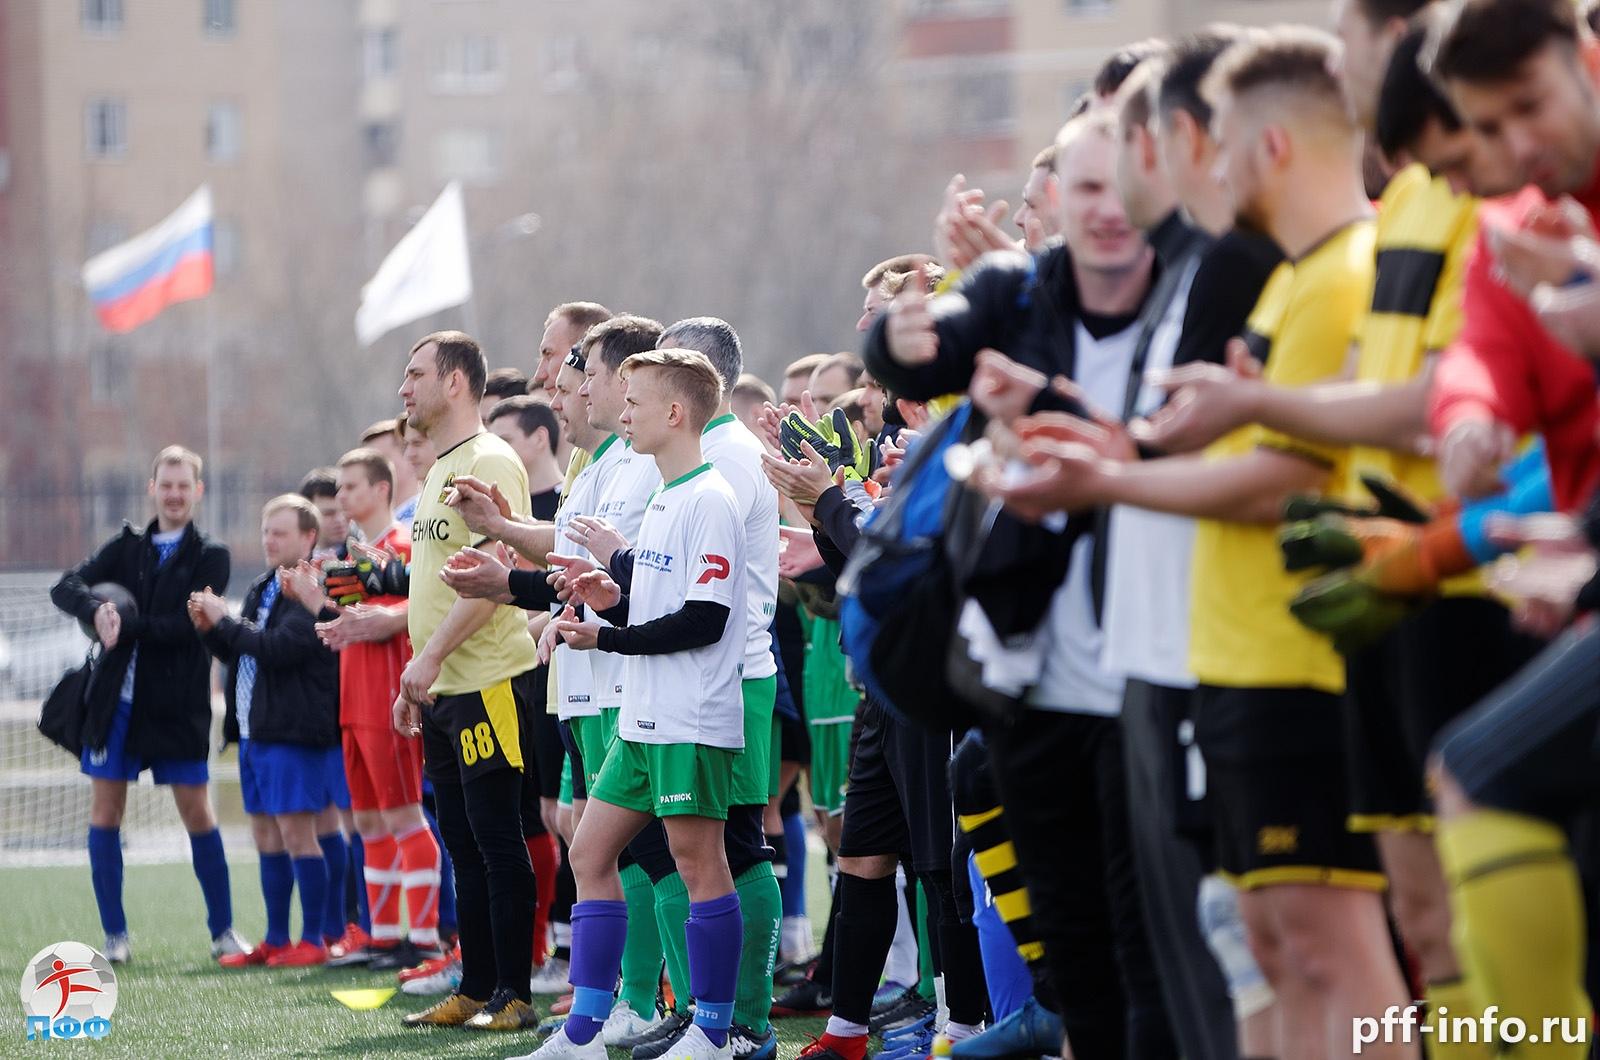 Более 70 команд открыли любительский футбольный сезон в Подольске